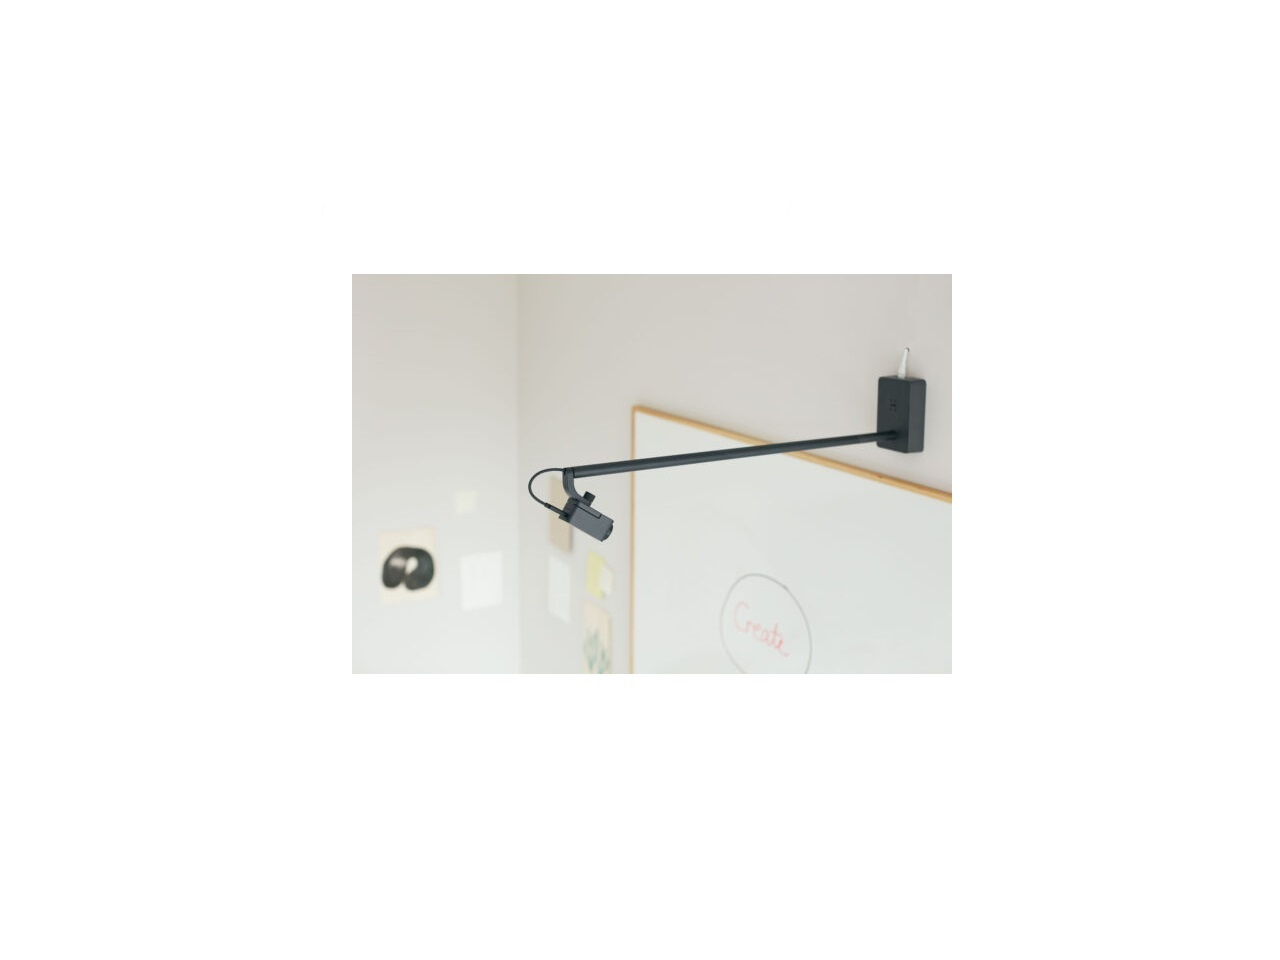 Huddly Canvas okos kamera fehér táblához